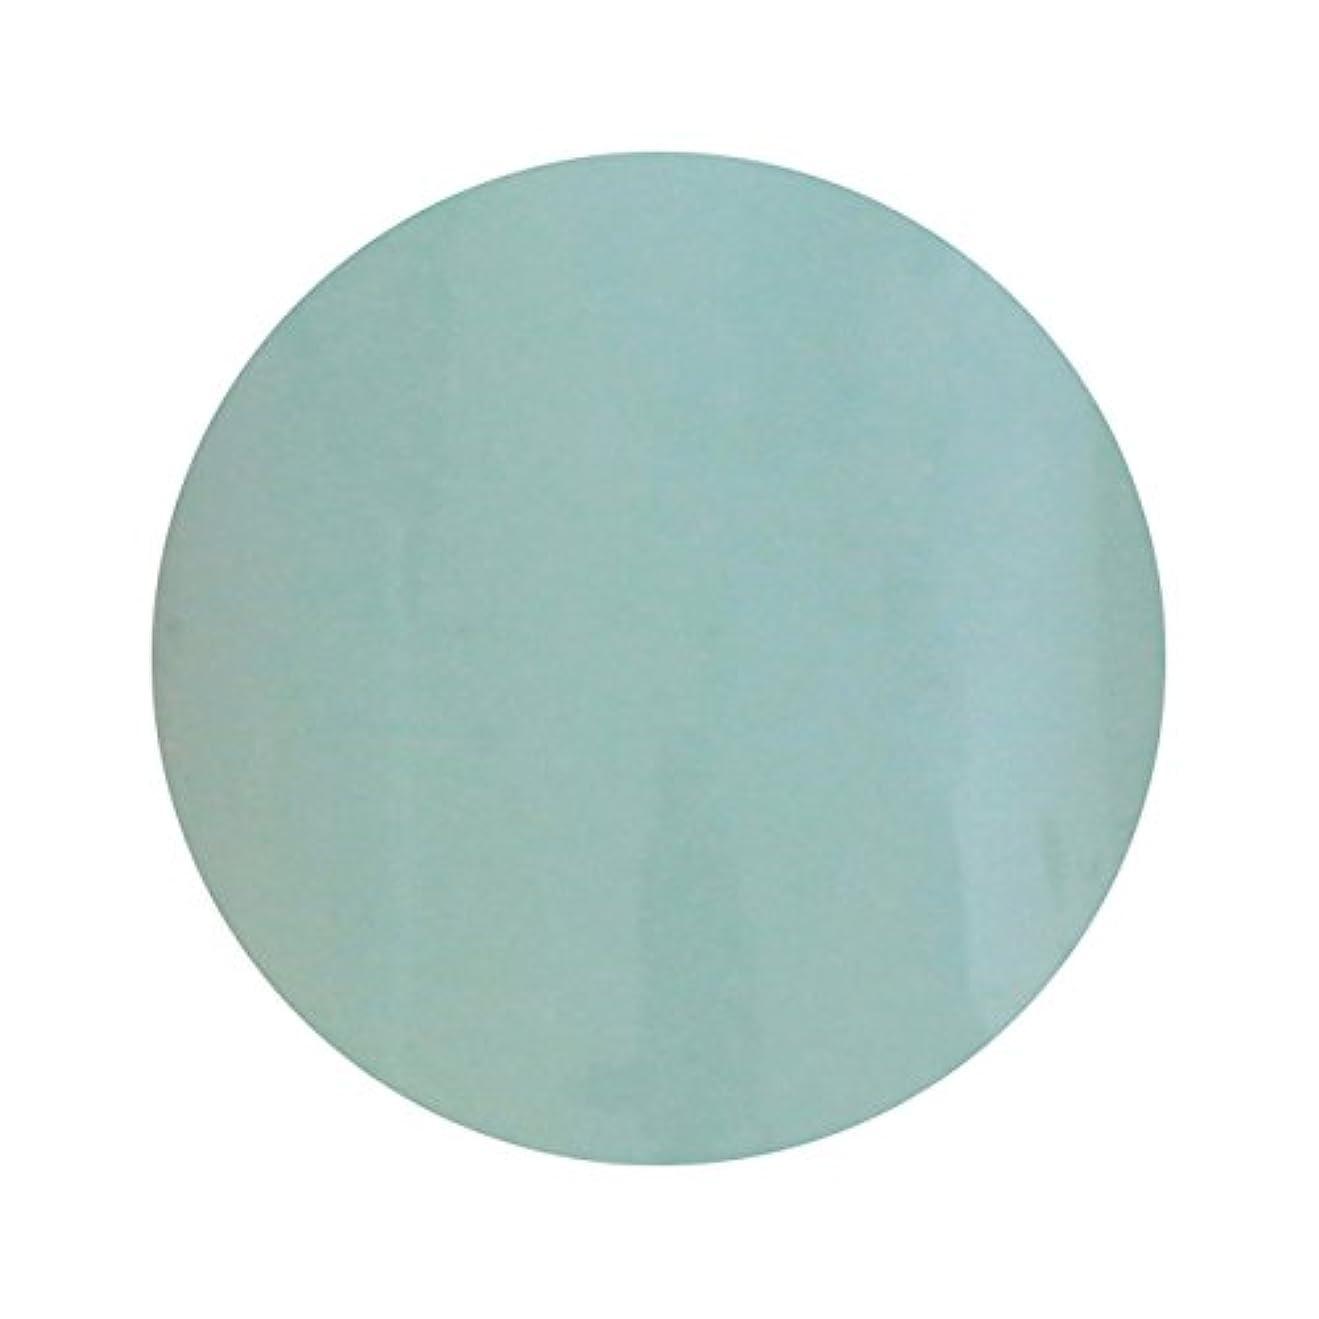 T-GEL COLLECTION ティージェル カラージェル D210 ペールブルー 4ml